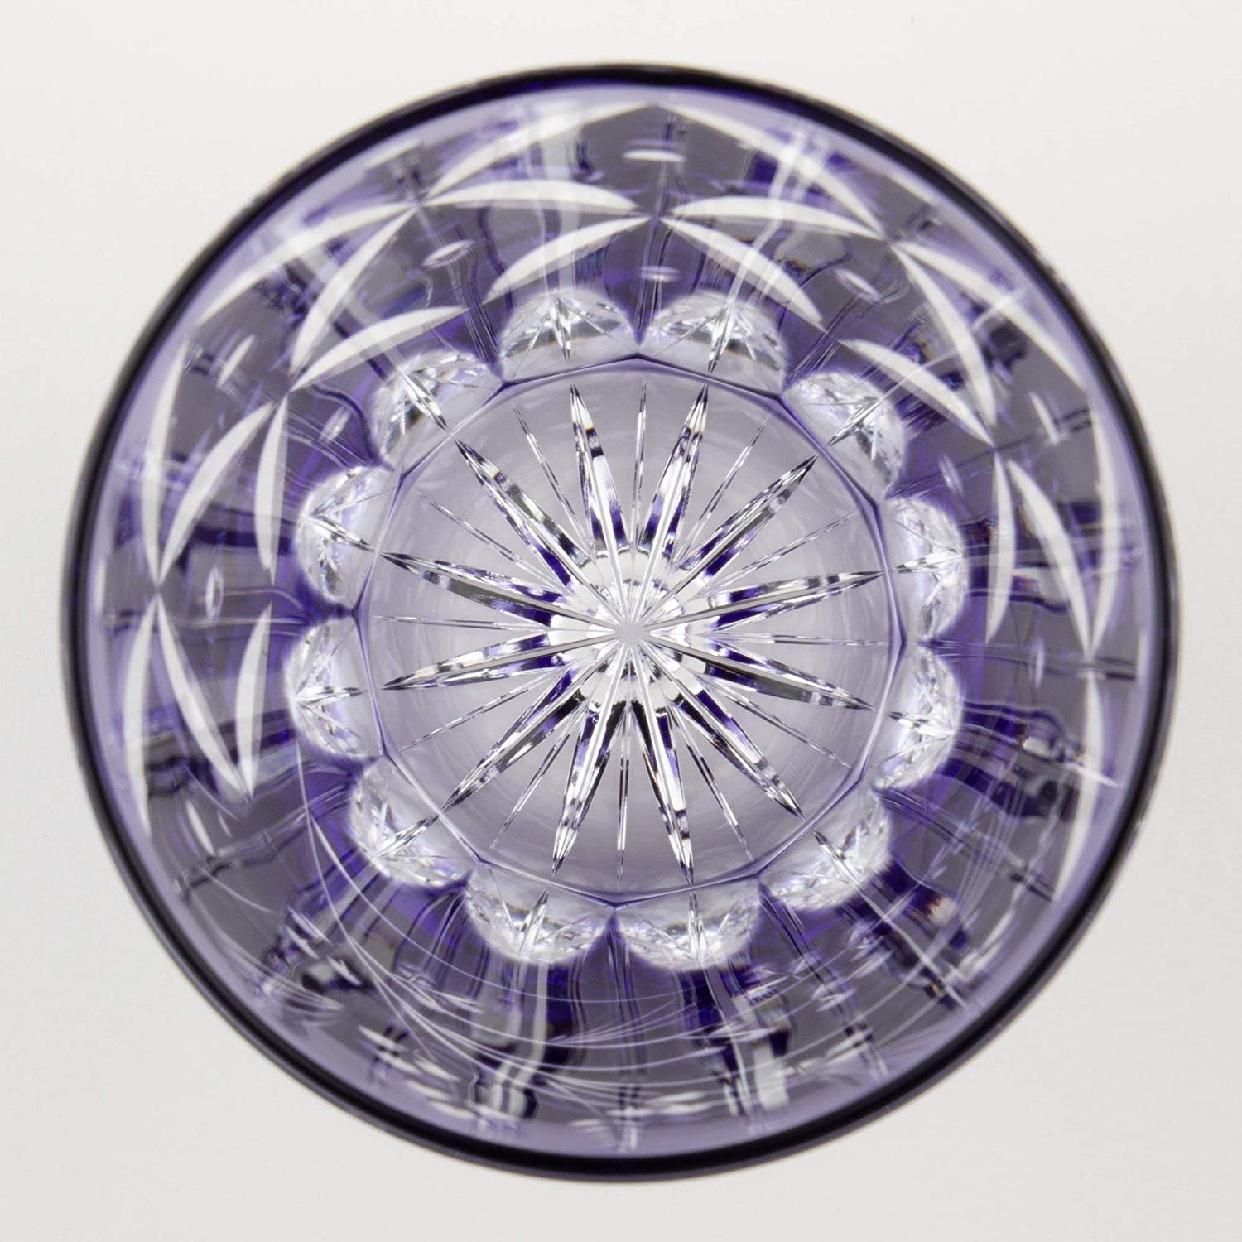 江戸切子 焼酎ロックグラス<萩とススキ> 230cc T557-2650CMPの商品画像3